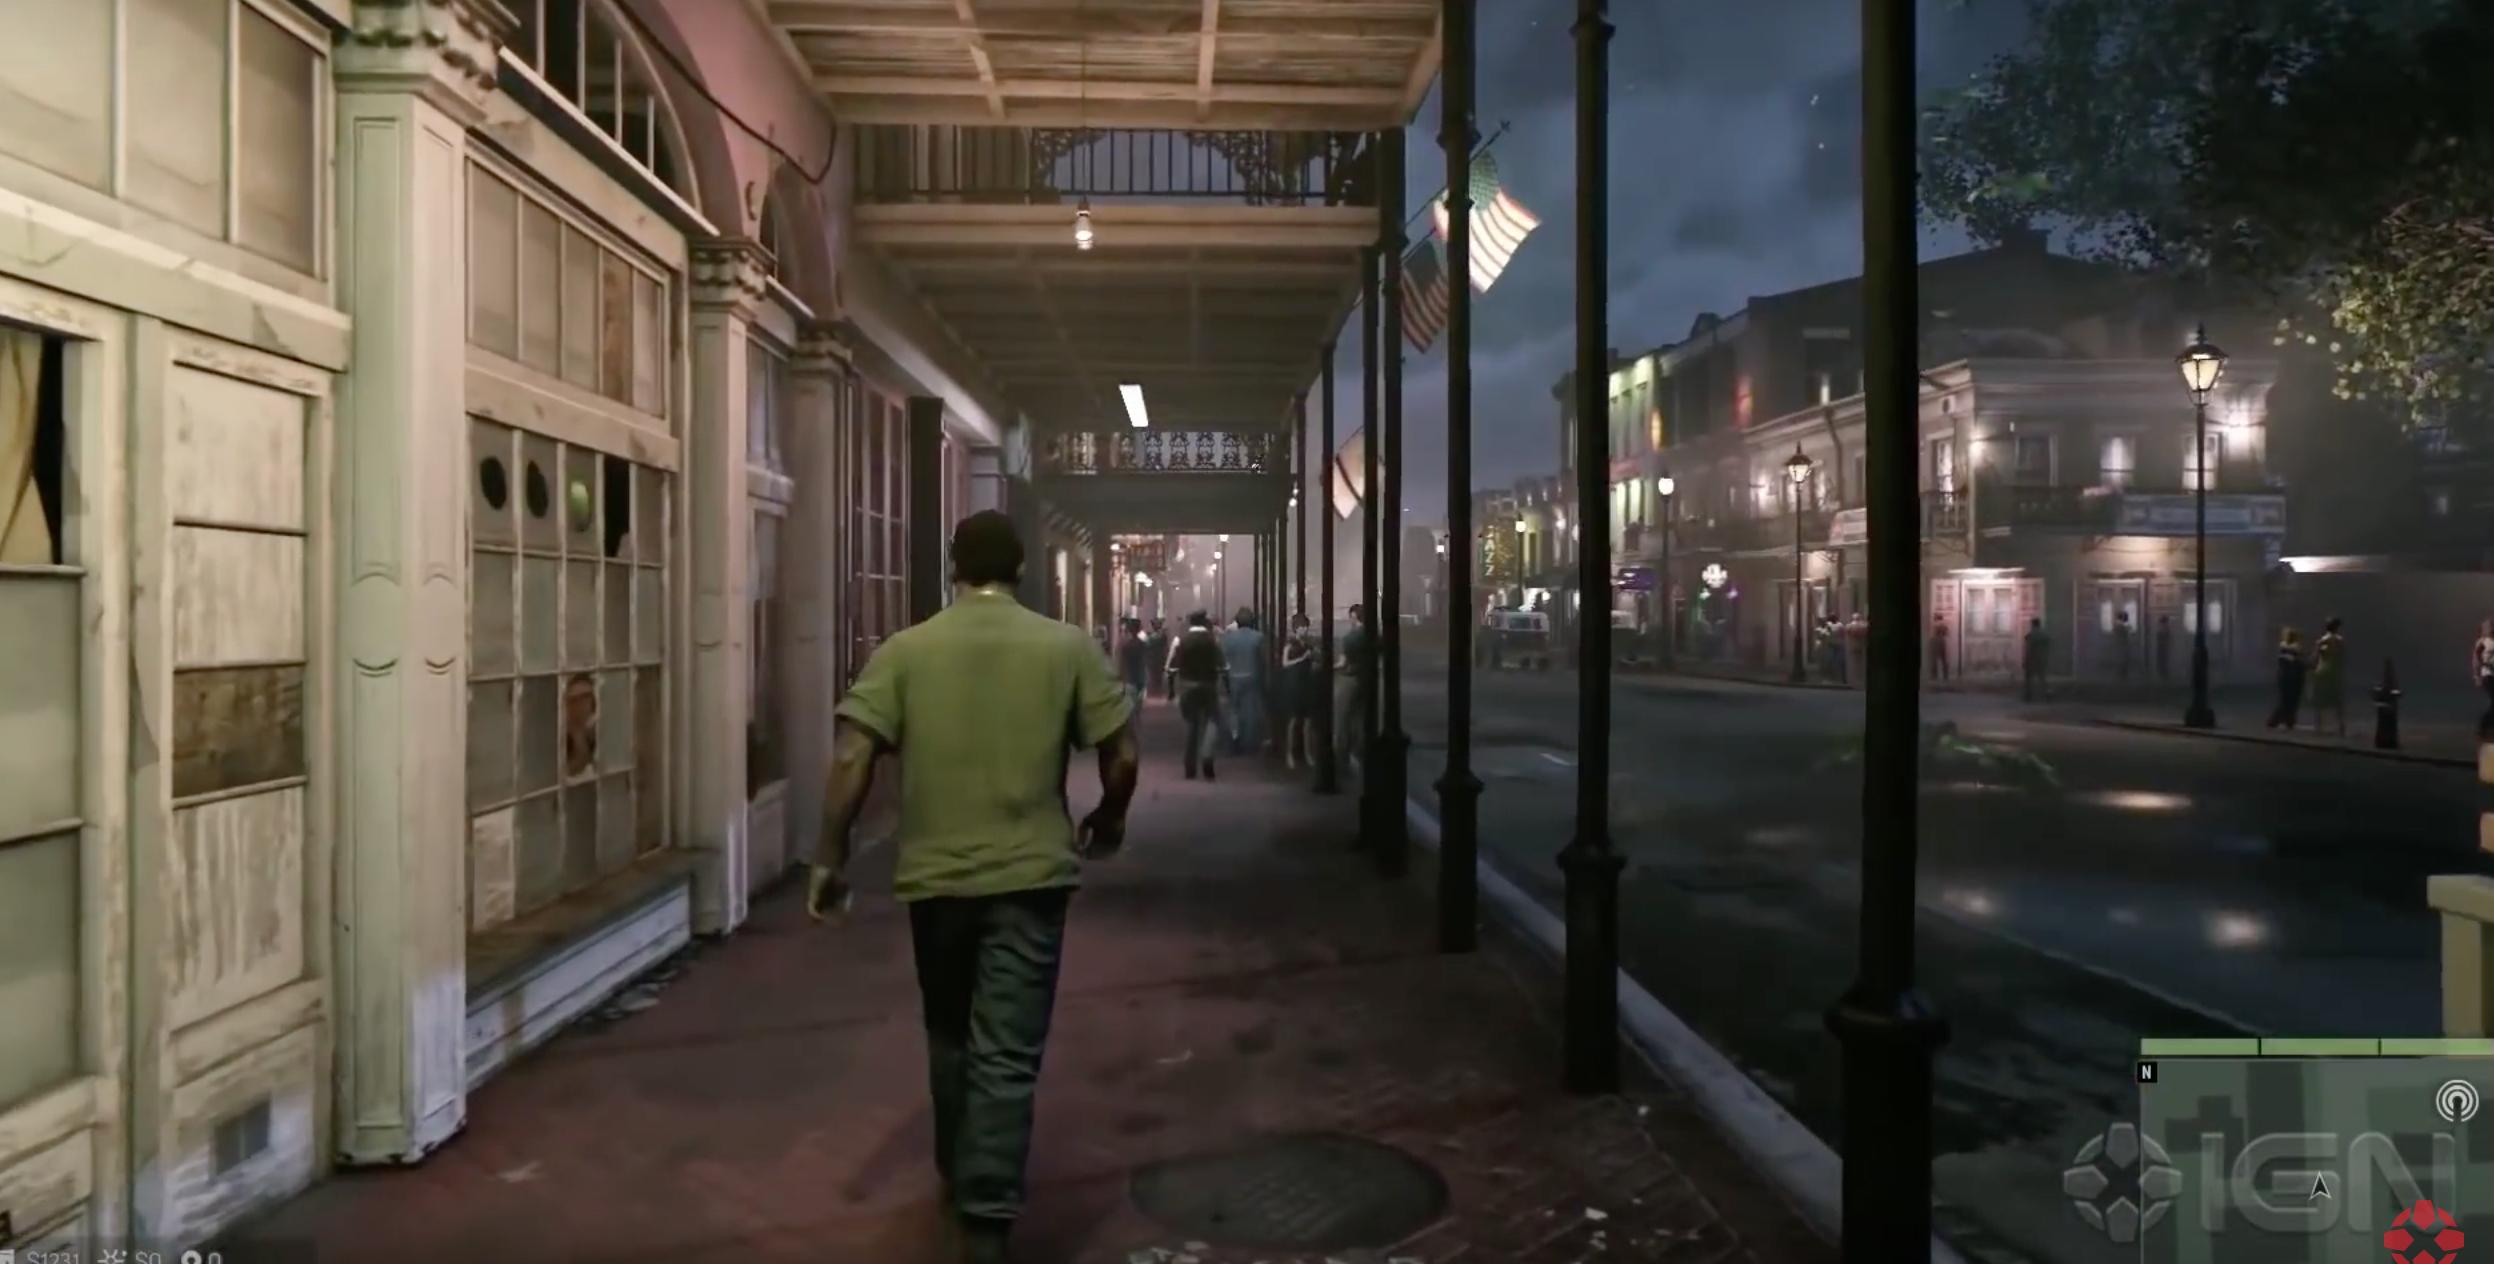 Mafia III lanseres neste år, og får virkelig neste-generasjons-grafikk i en stor og åpen verden.